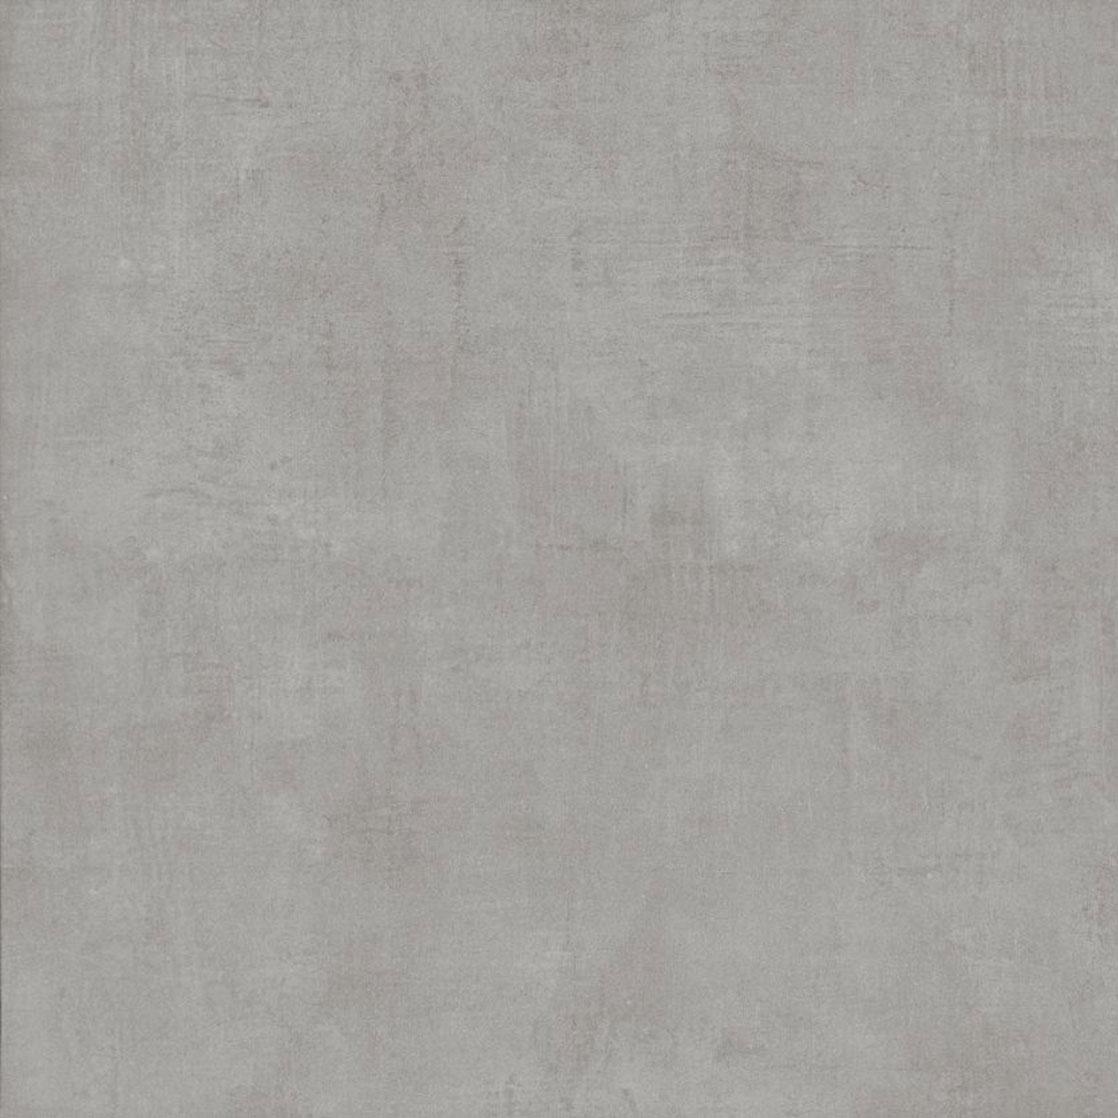 Gạch hiệu ứng xi măng Viglacera VHP6602 giá rẻ